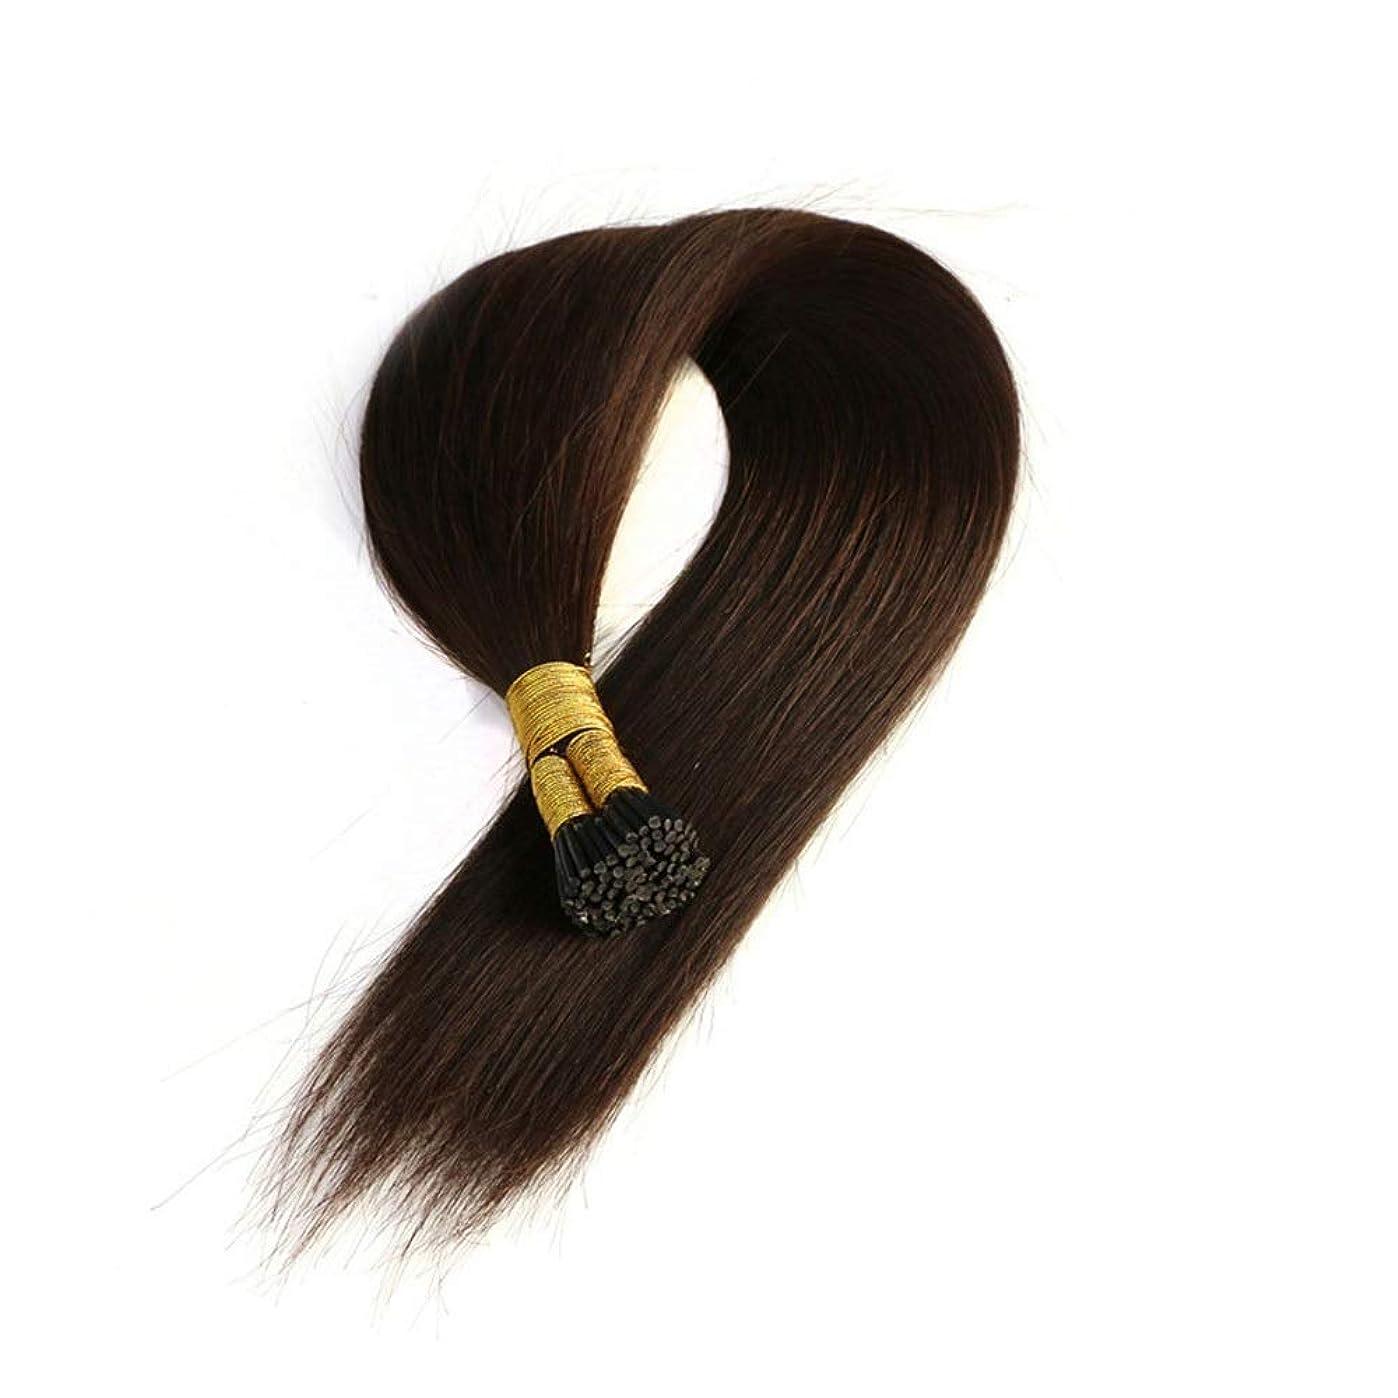 土器断線ストロークJULYTER ナノリングヘアエクステンション人間の髪の毛イージーラングループマイクロビーズ髪の毛50グラムあたりパッケージ総計 (色 : 黒, サイズ : 40cm)